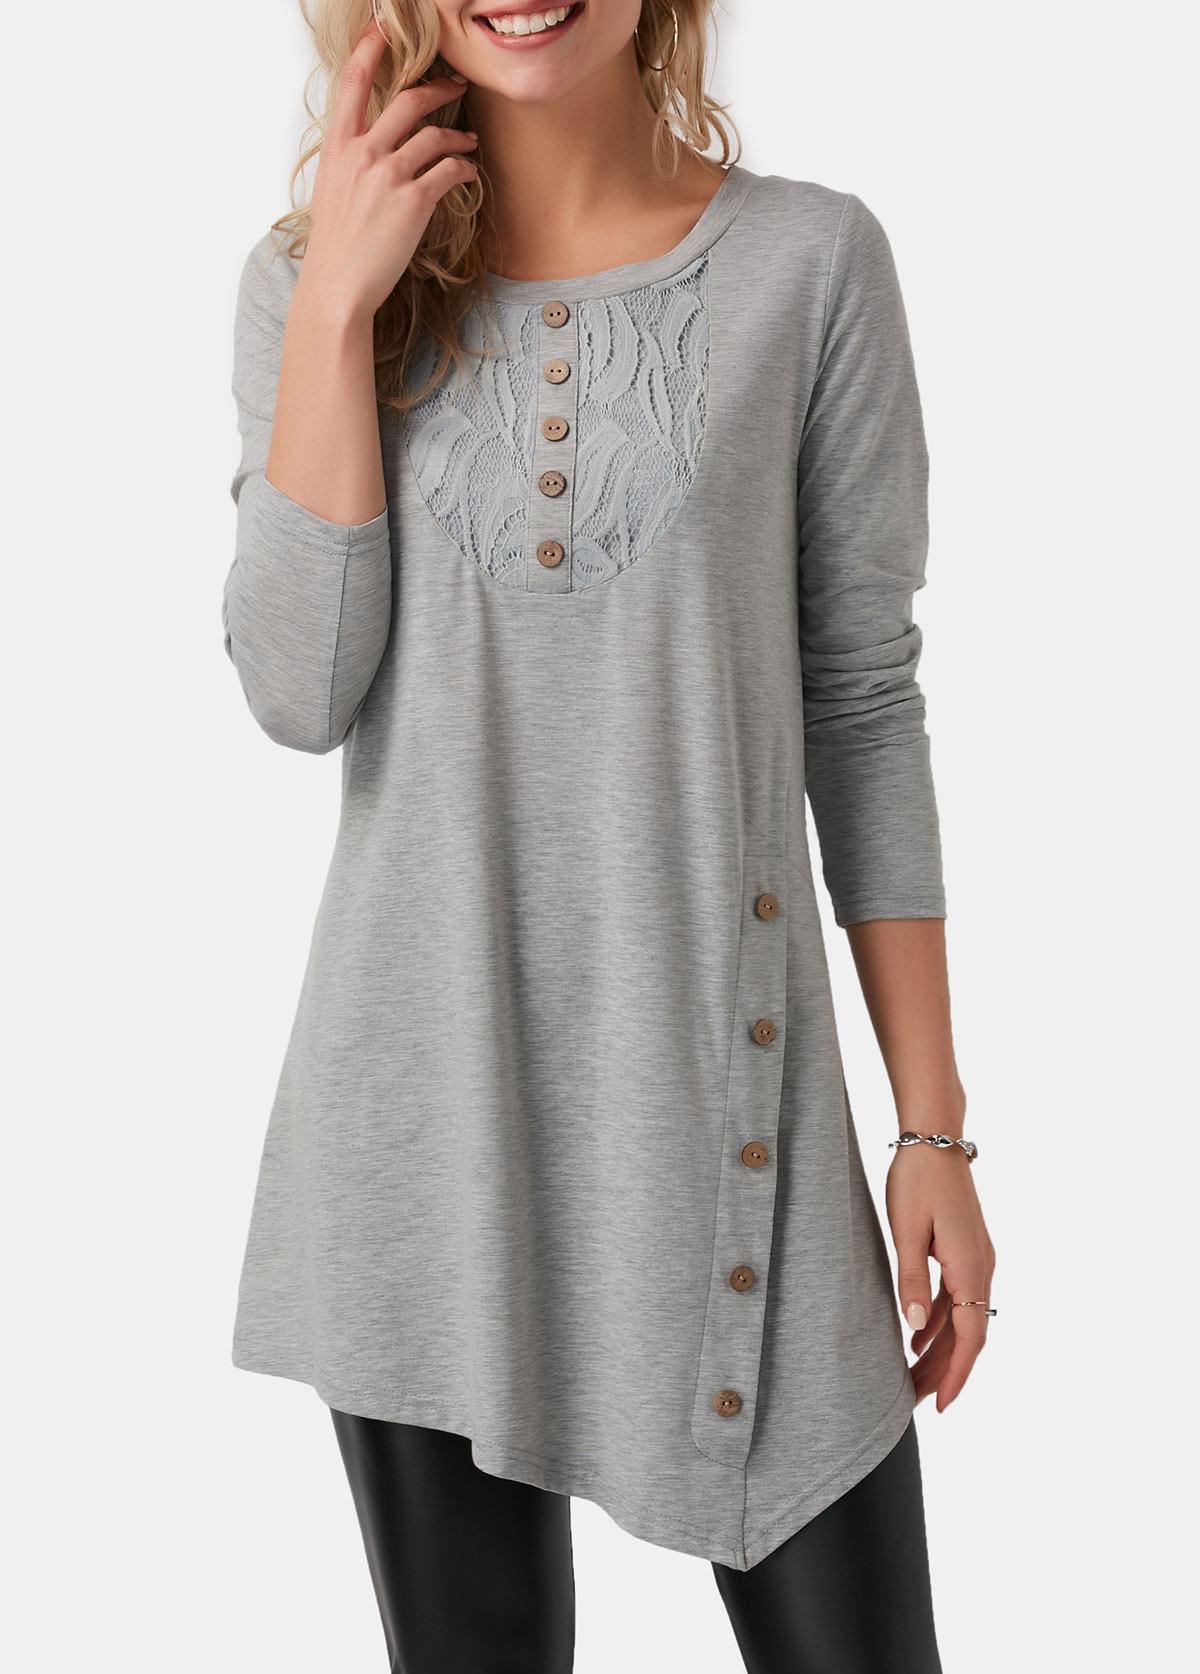 Button Detail Asymmetric Hem Light Grey T Shirt